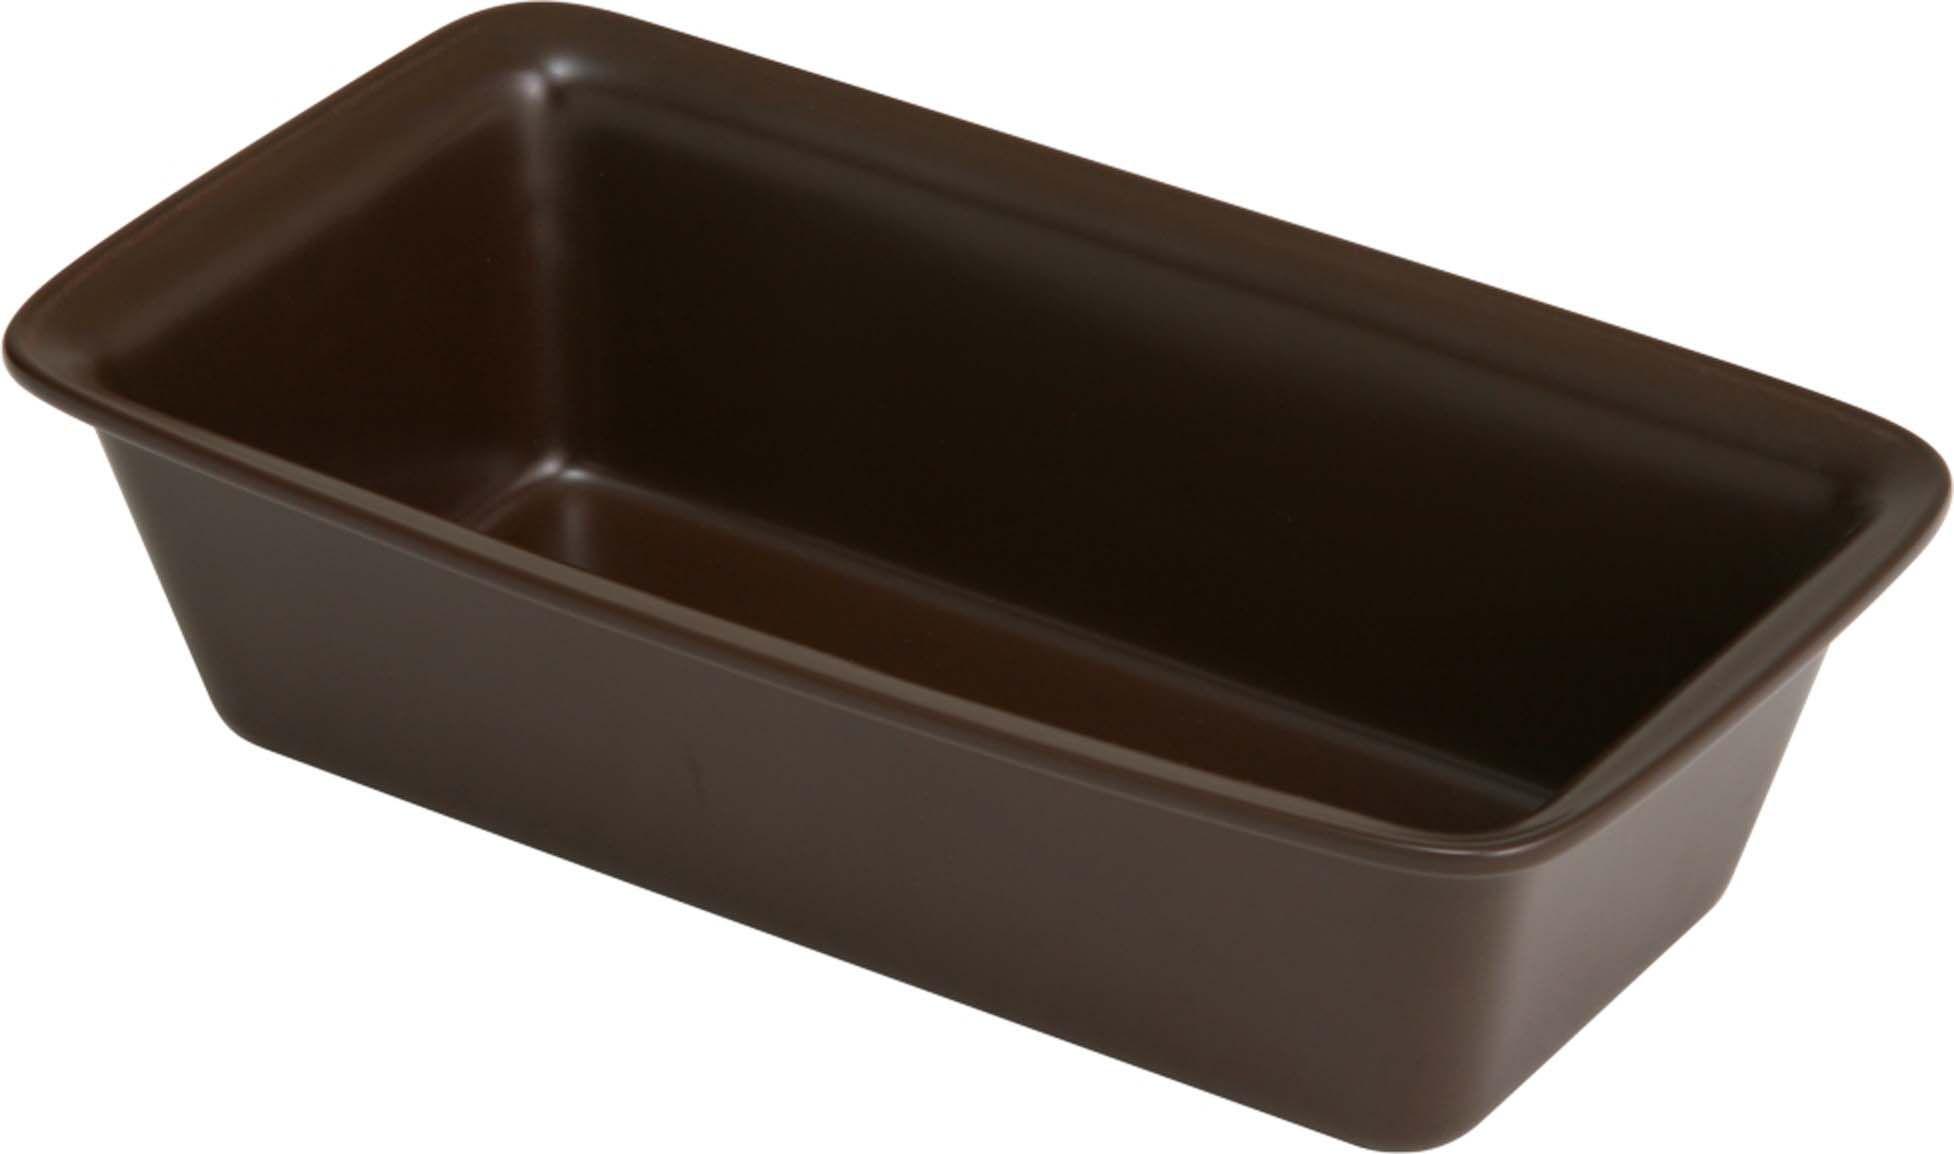 Forma De Cerâmica Ceraflame Para Pão 25X13Cm 2000Ml Chocolate